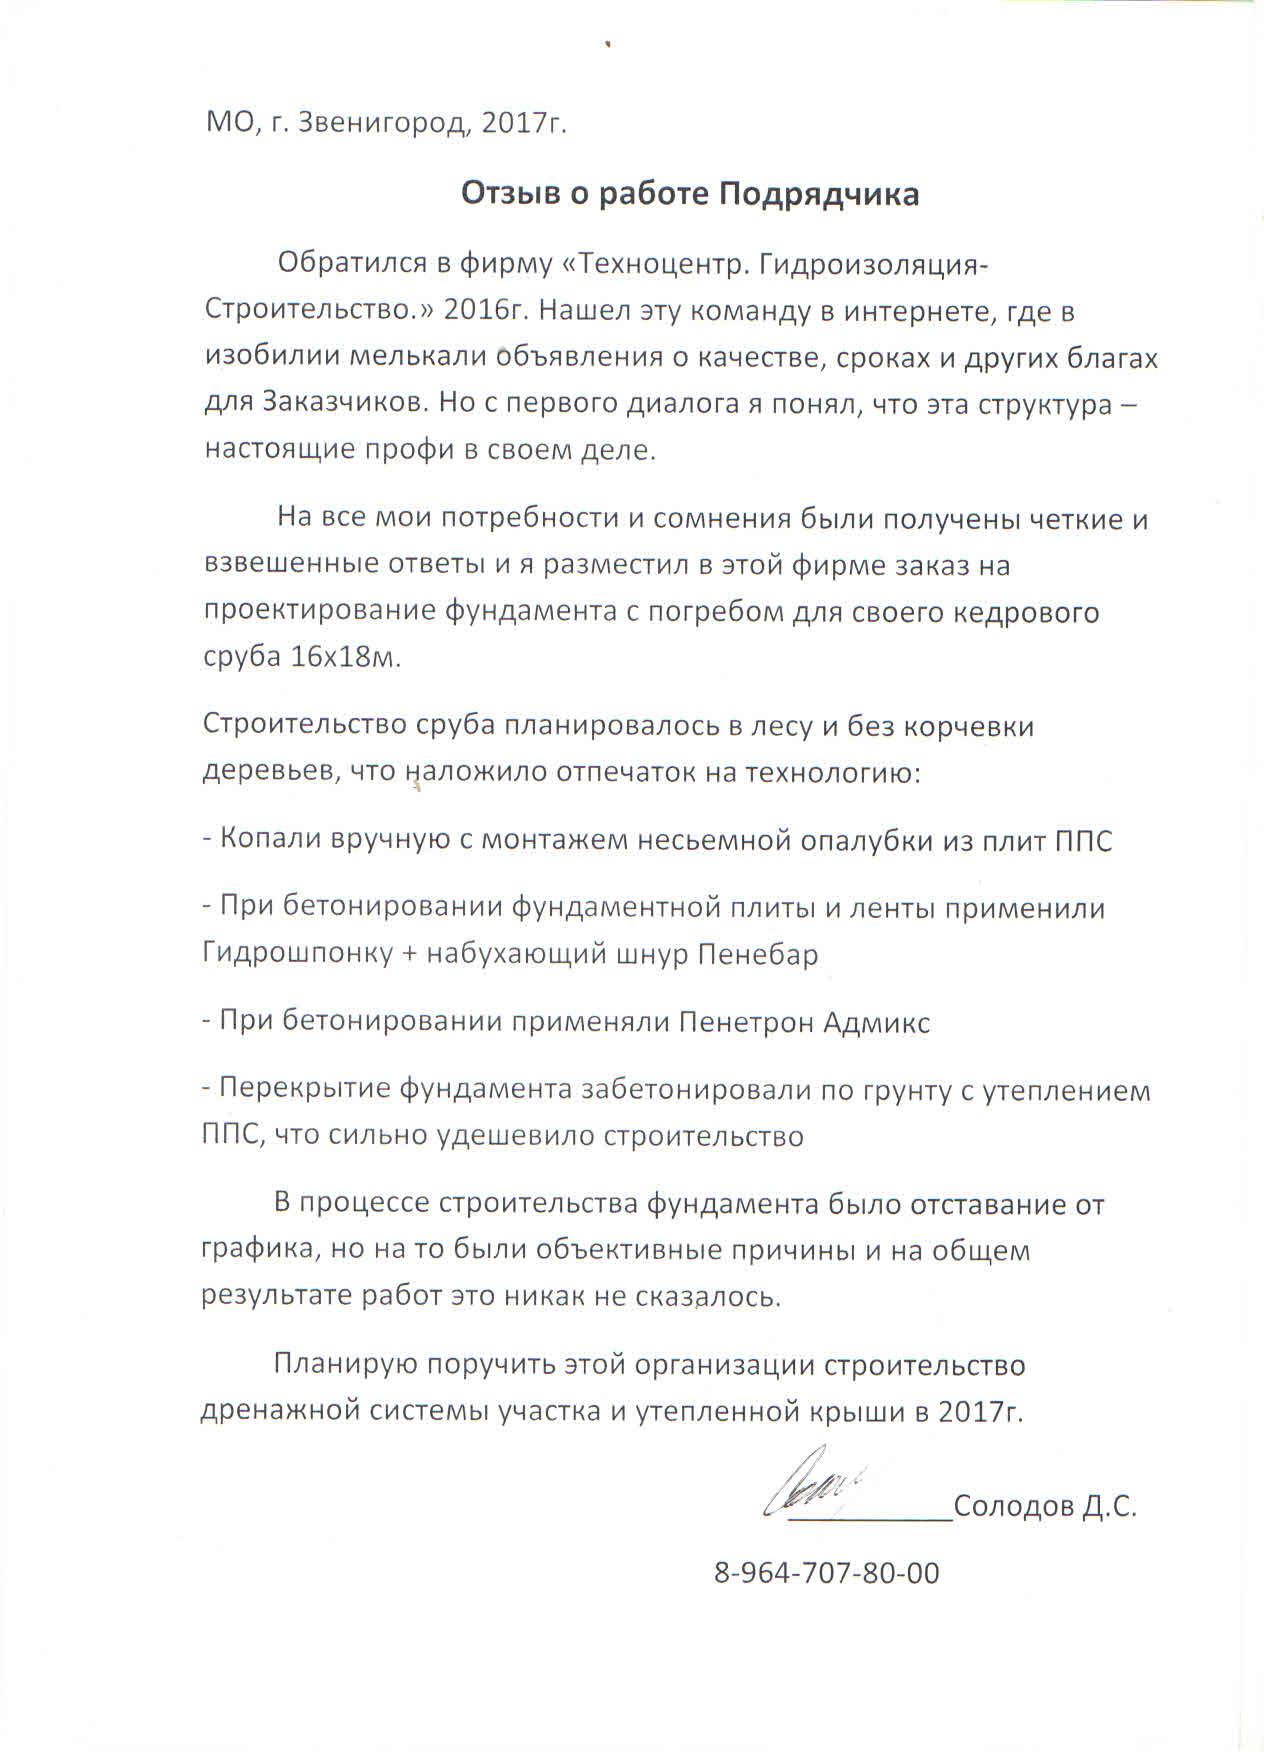 Сваи под фундамент дома винтовые купить Одинцовский район